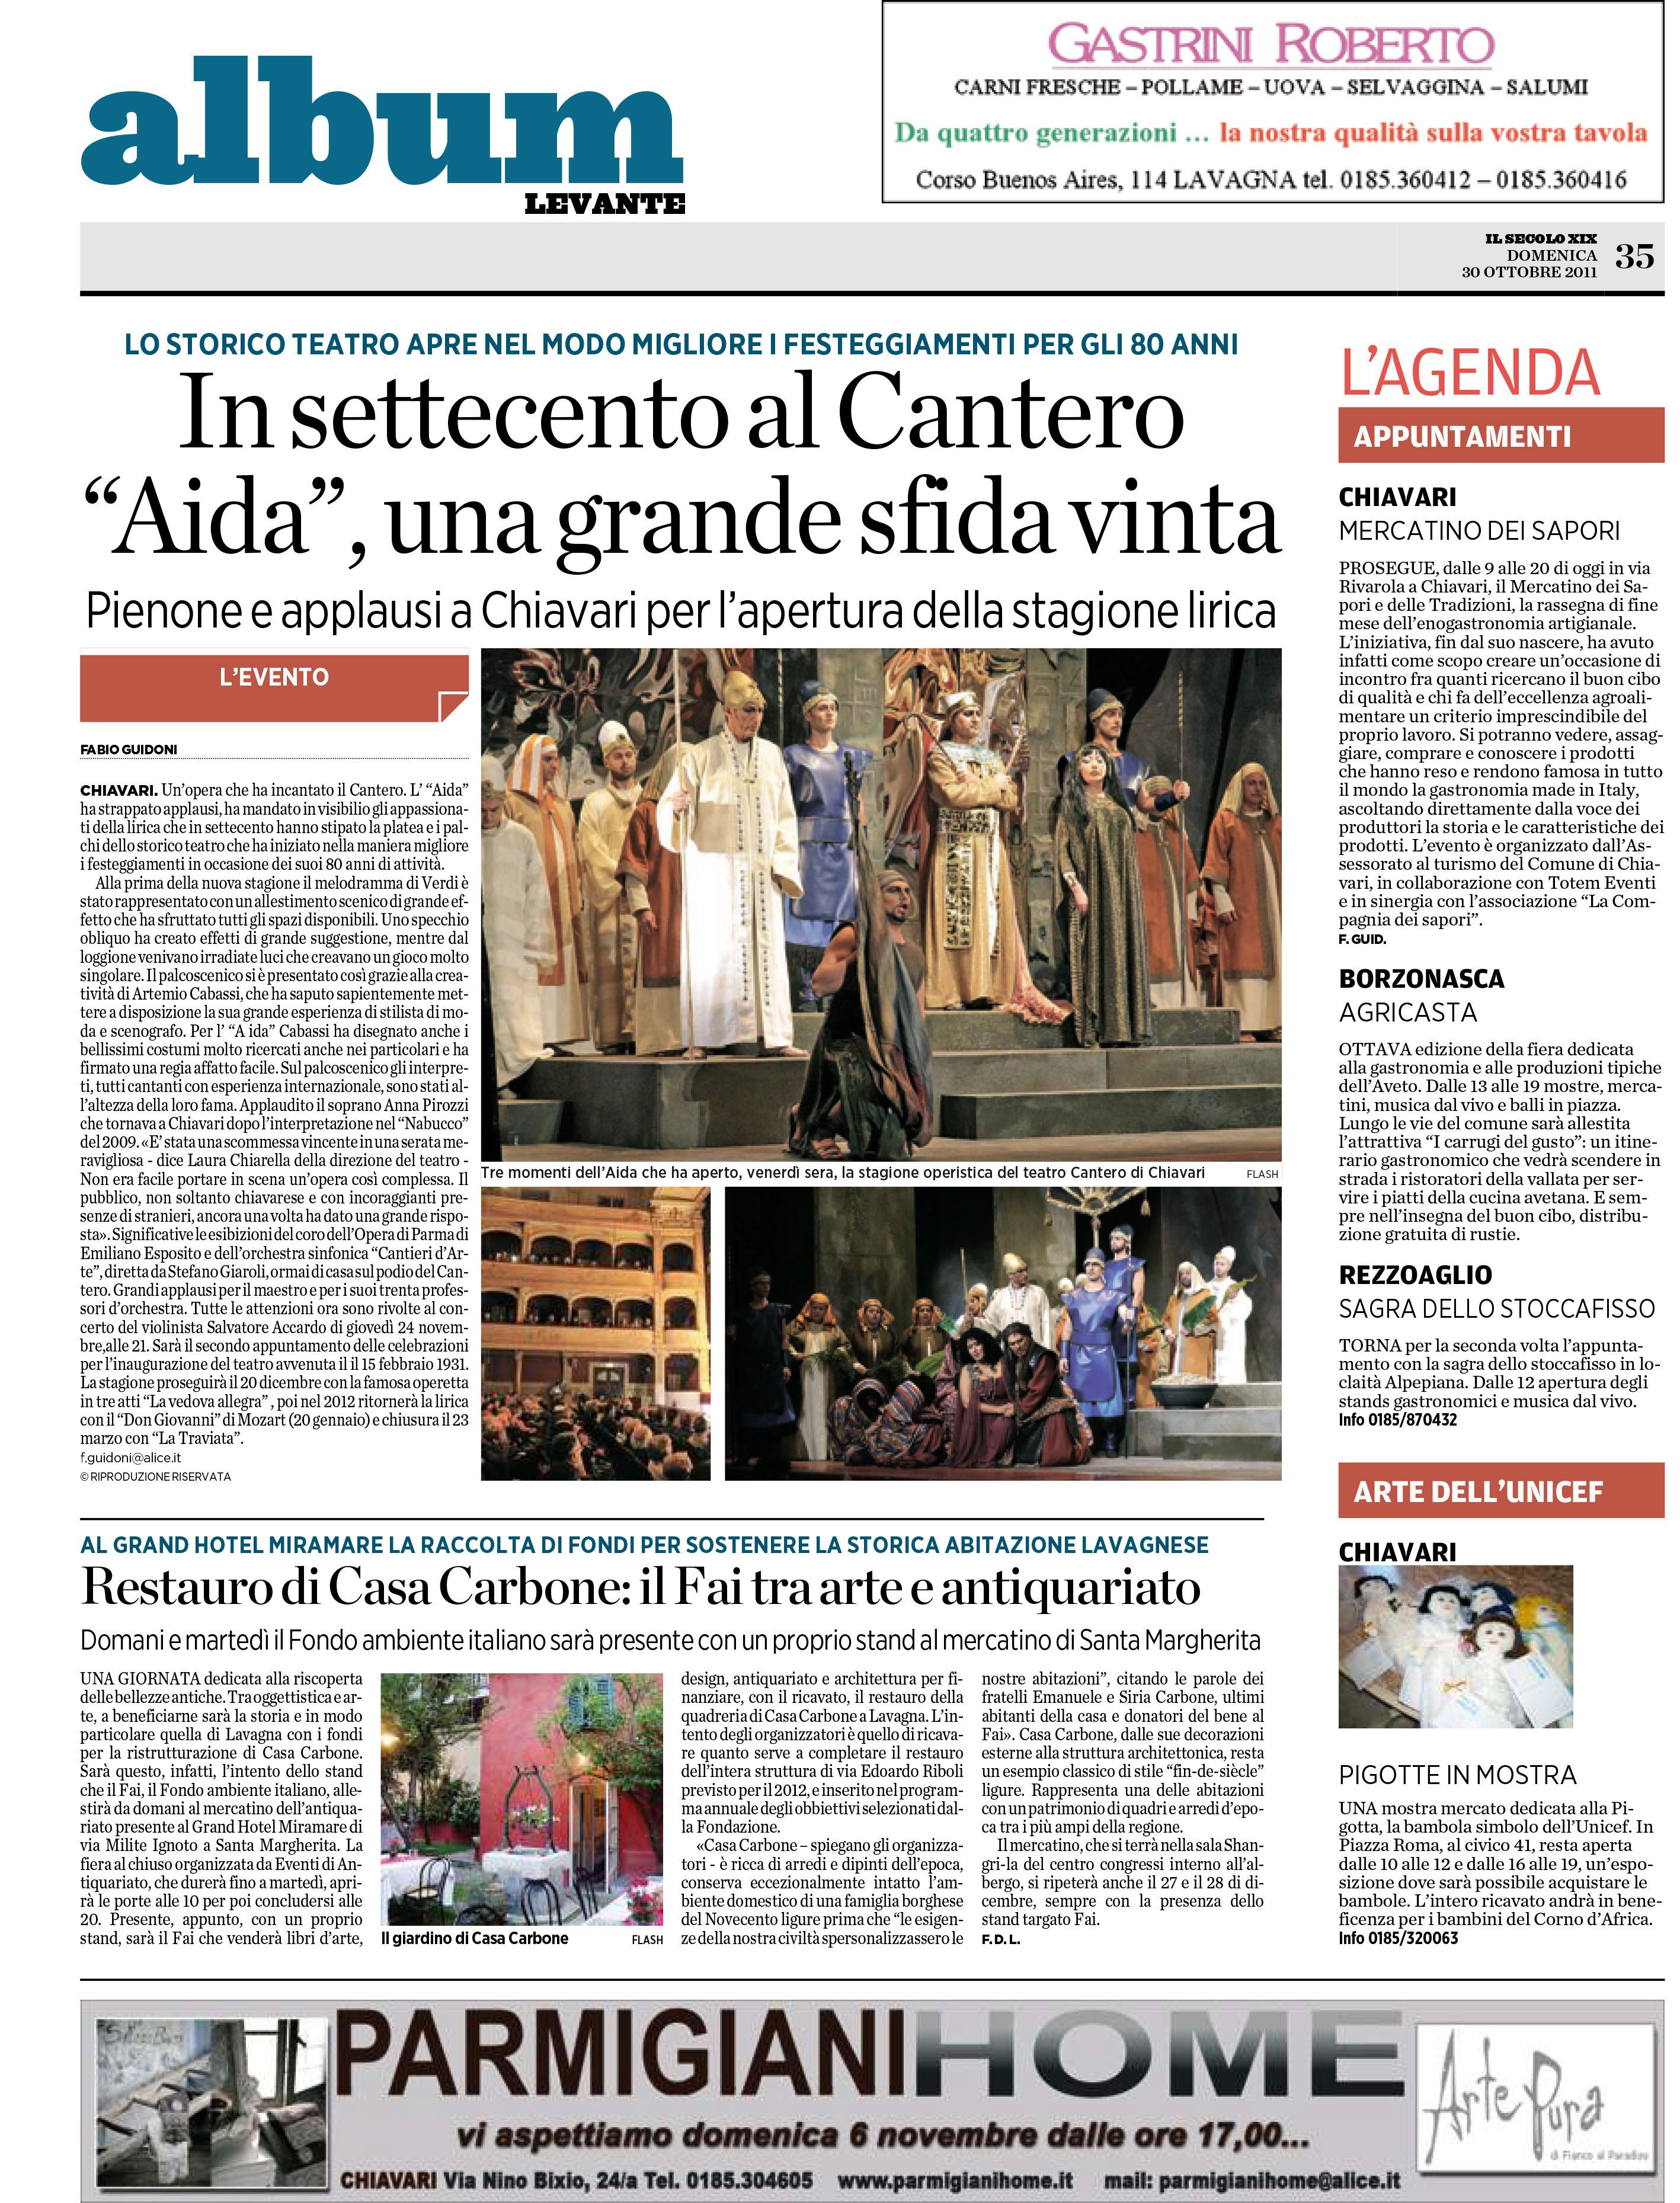 30.10.2011 – IL SECOLO XIX – Aida